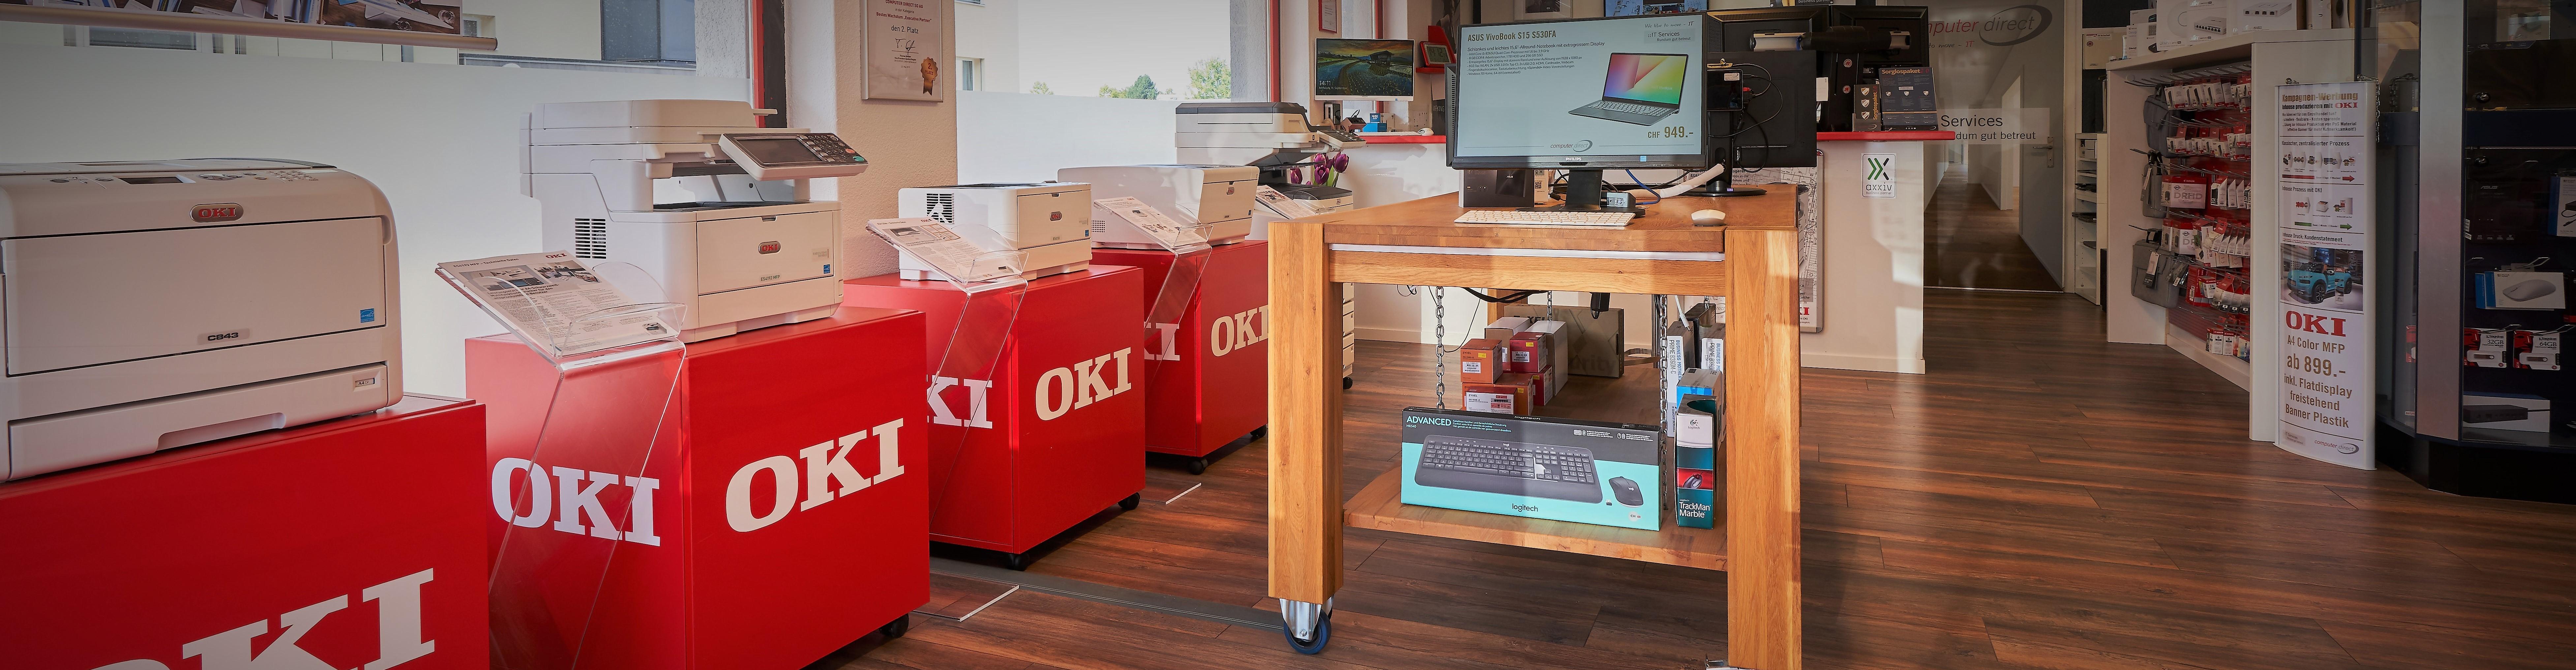 OKI Shop Ostschweiz